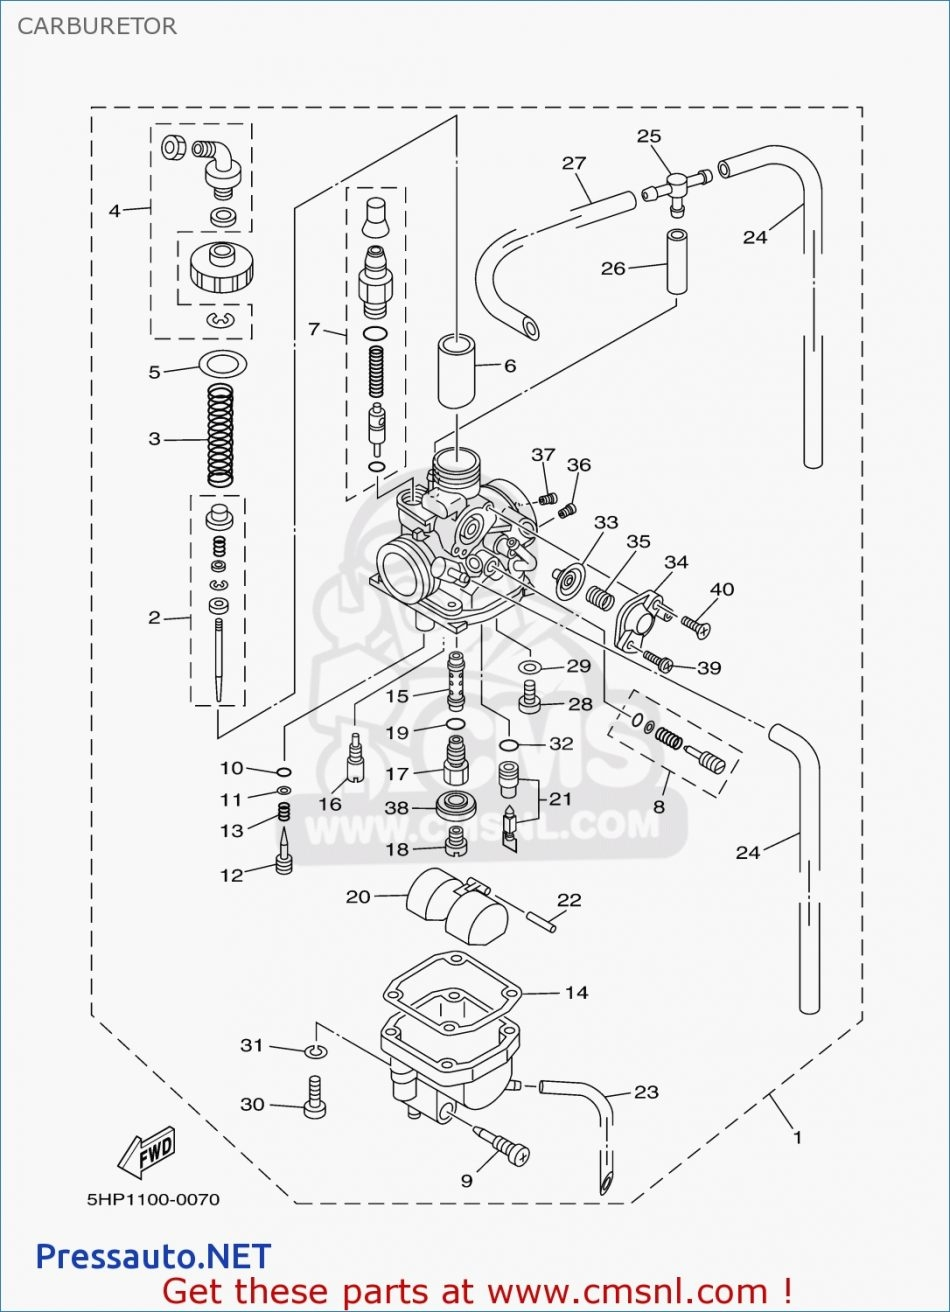 kawasaki mule 610 diagrams wiring diagram schematic